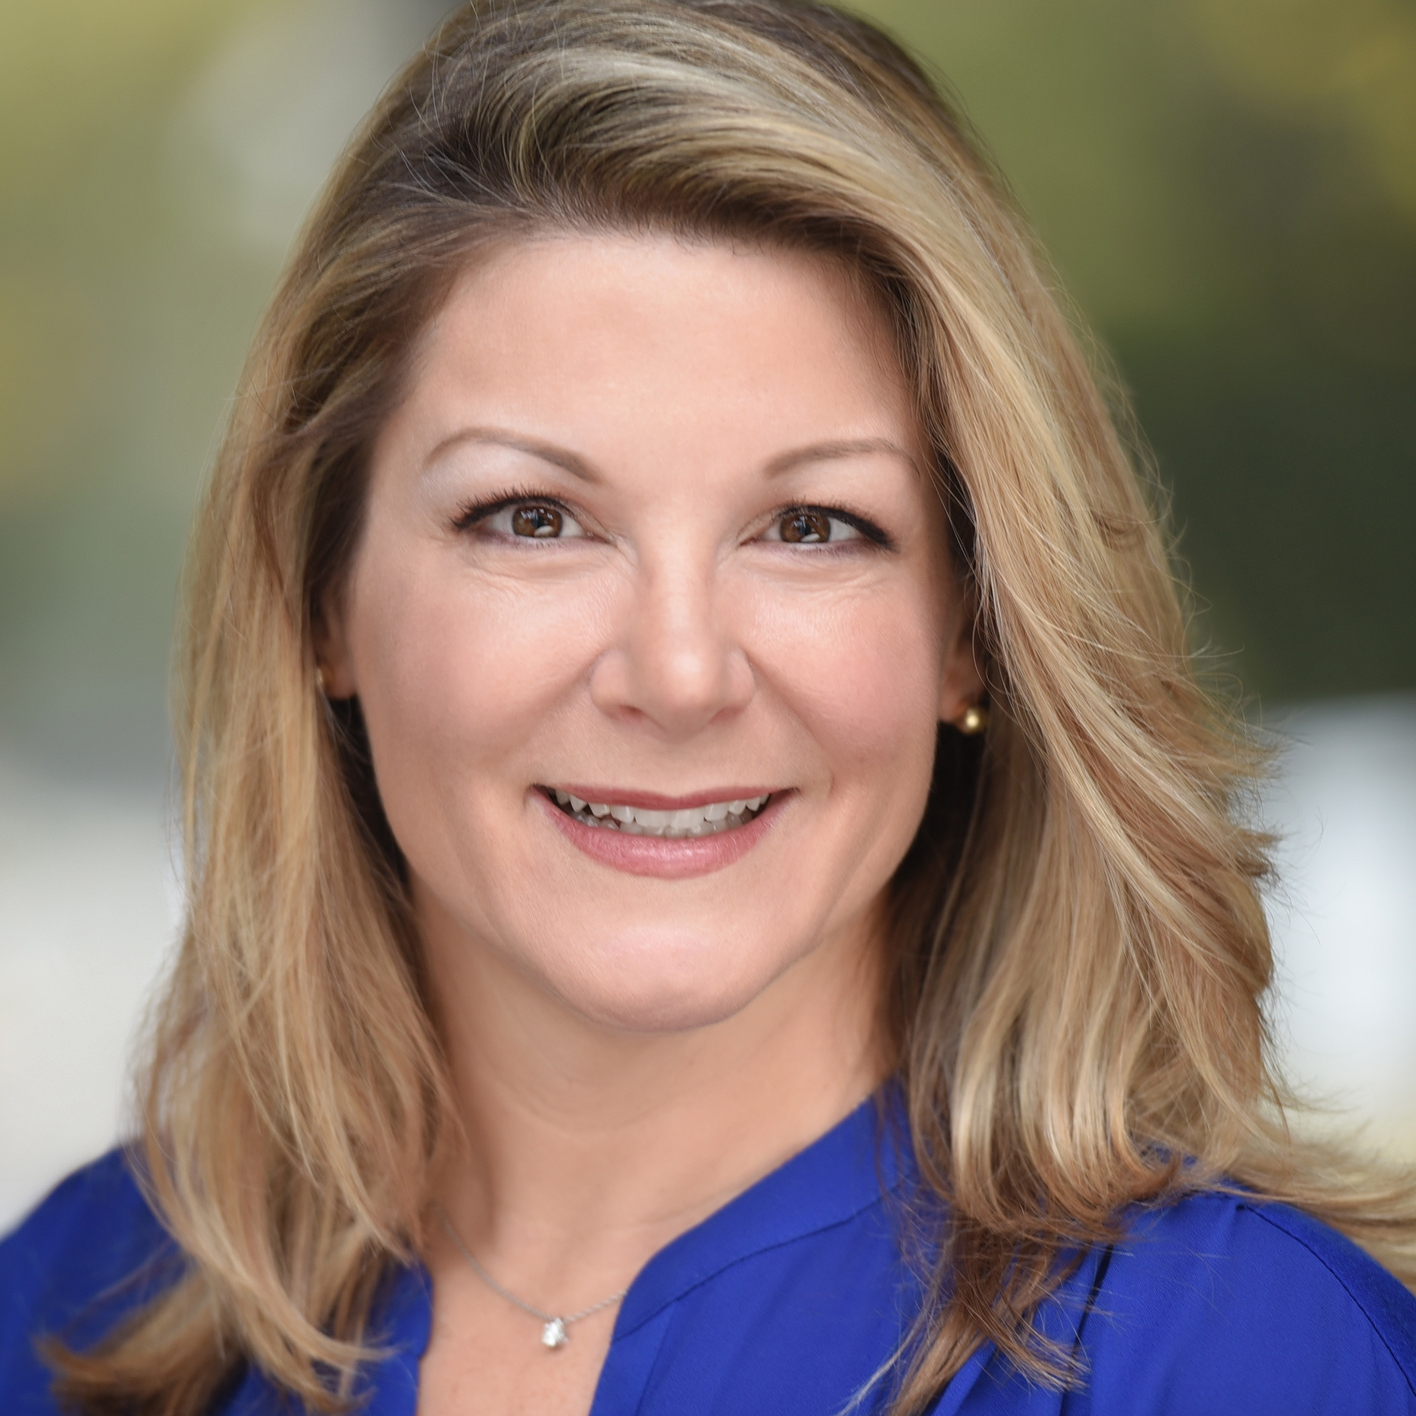 Gina Daschbach